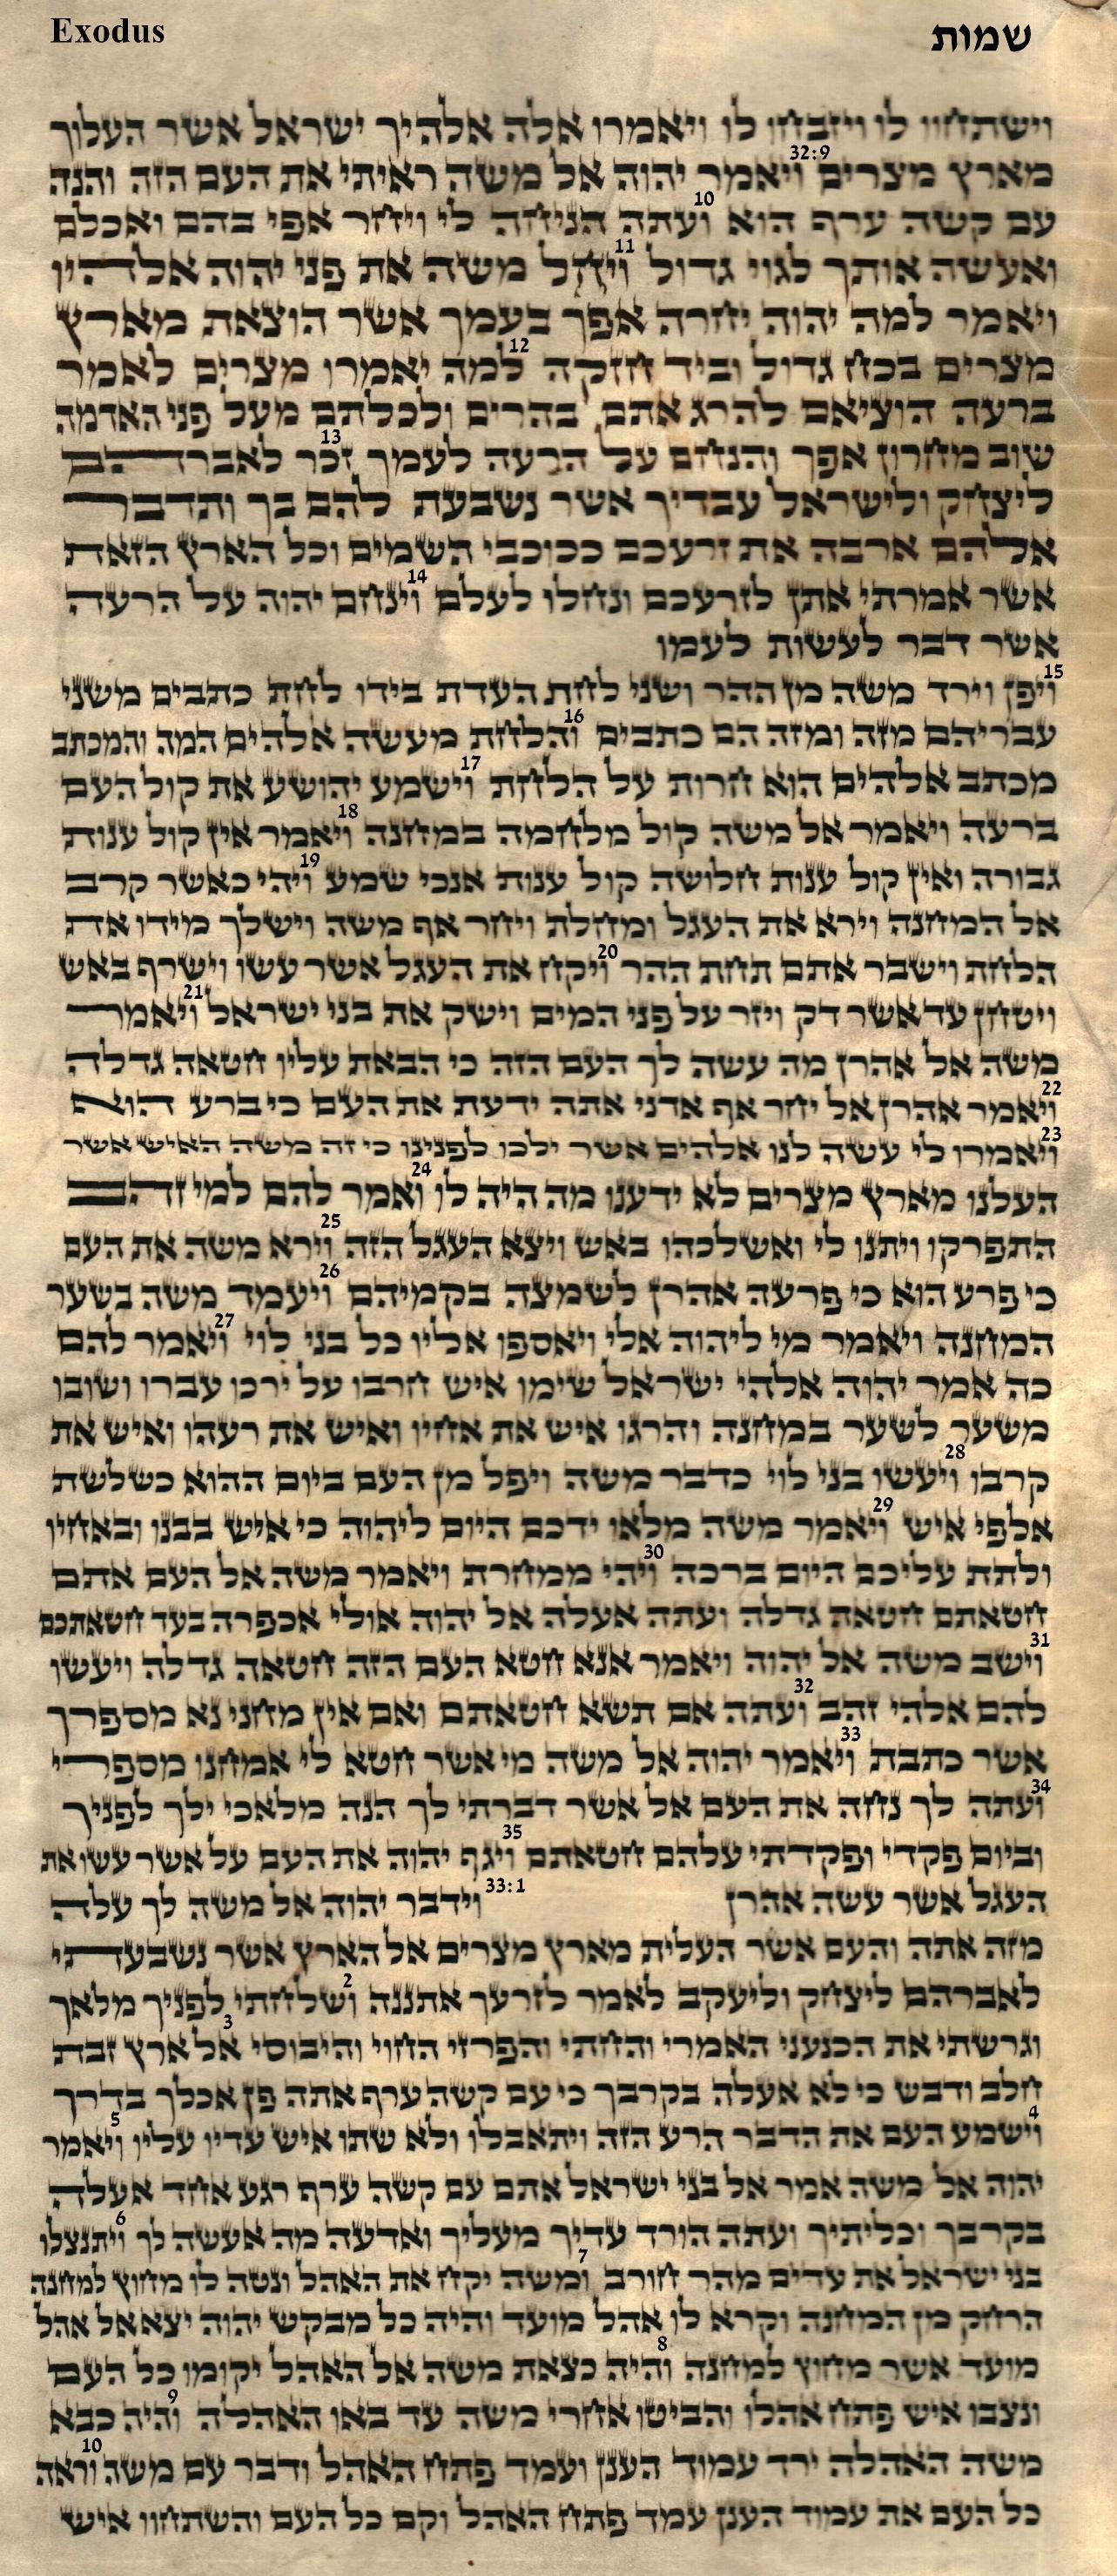 Exodus 32.9 - 33.10